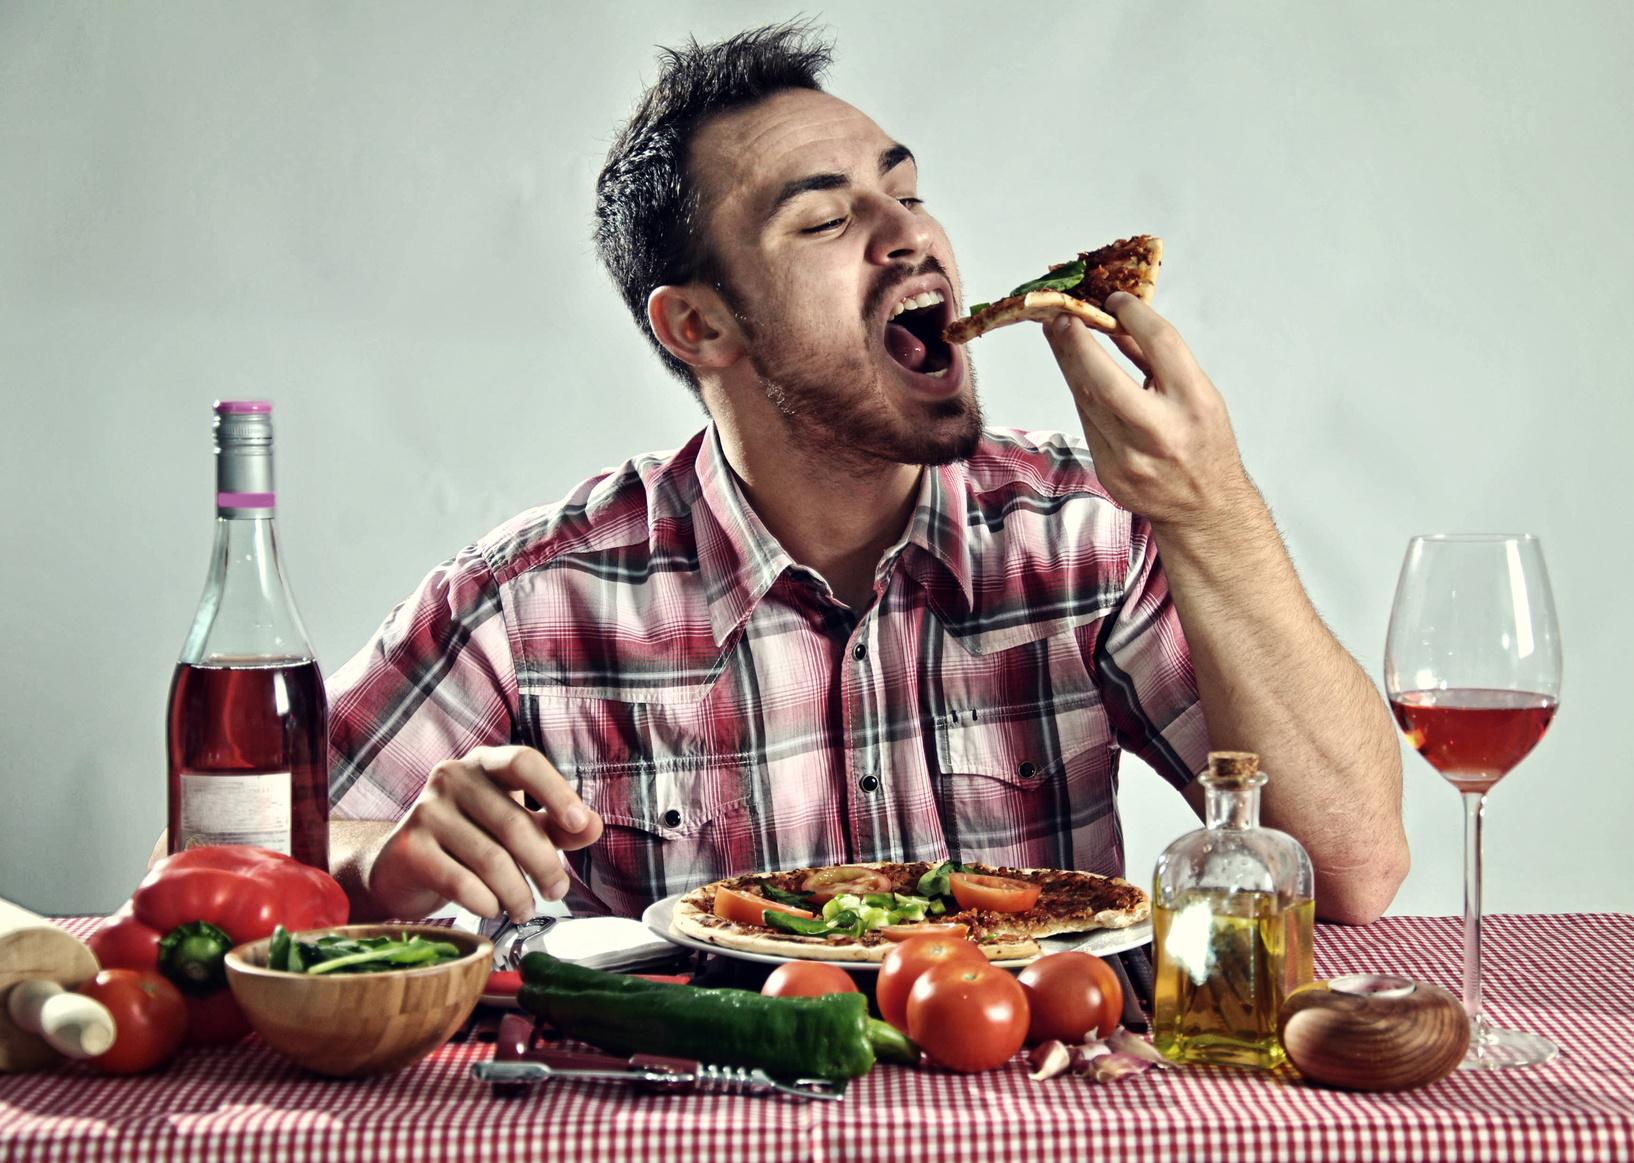 Comer muito rápido